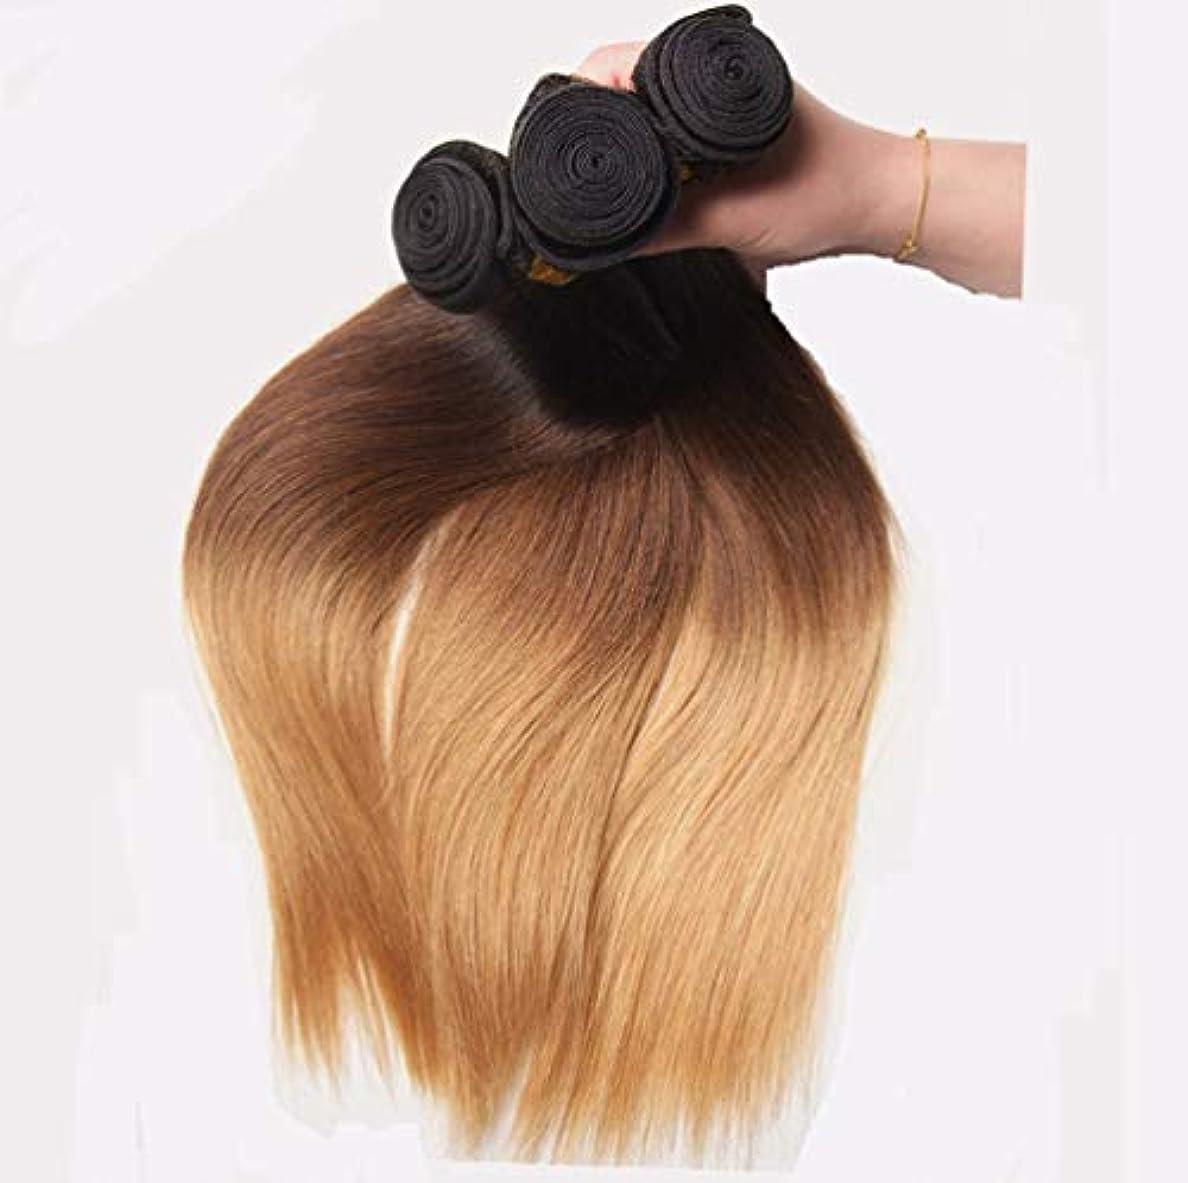 要旨神の自分自身女性10Aグレードペルーストレート人毛ストレートバージン人毛織りエクステンションミックスストレートヘアウィービング(3バンドル)